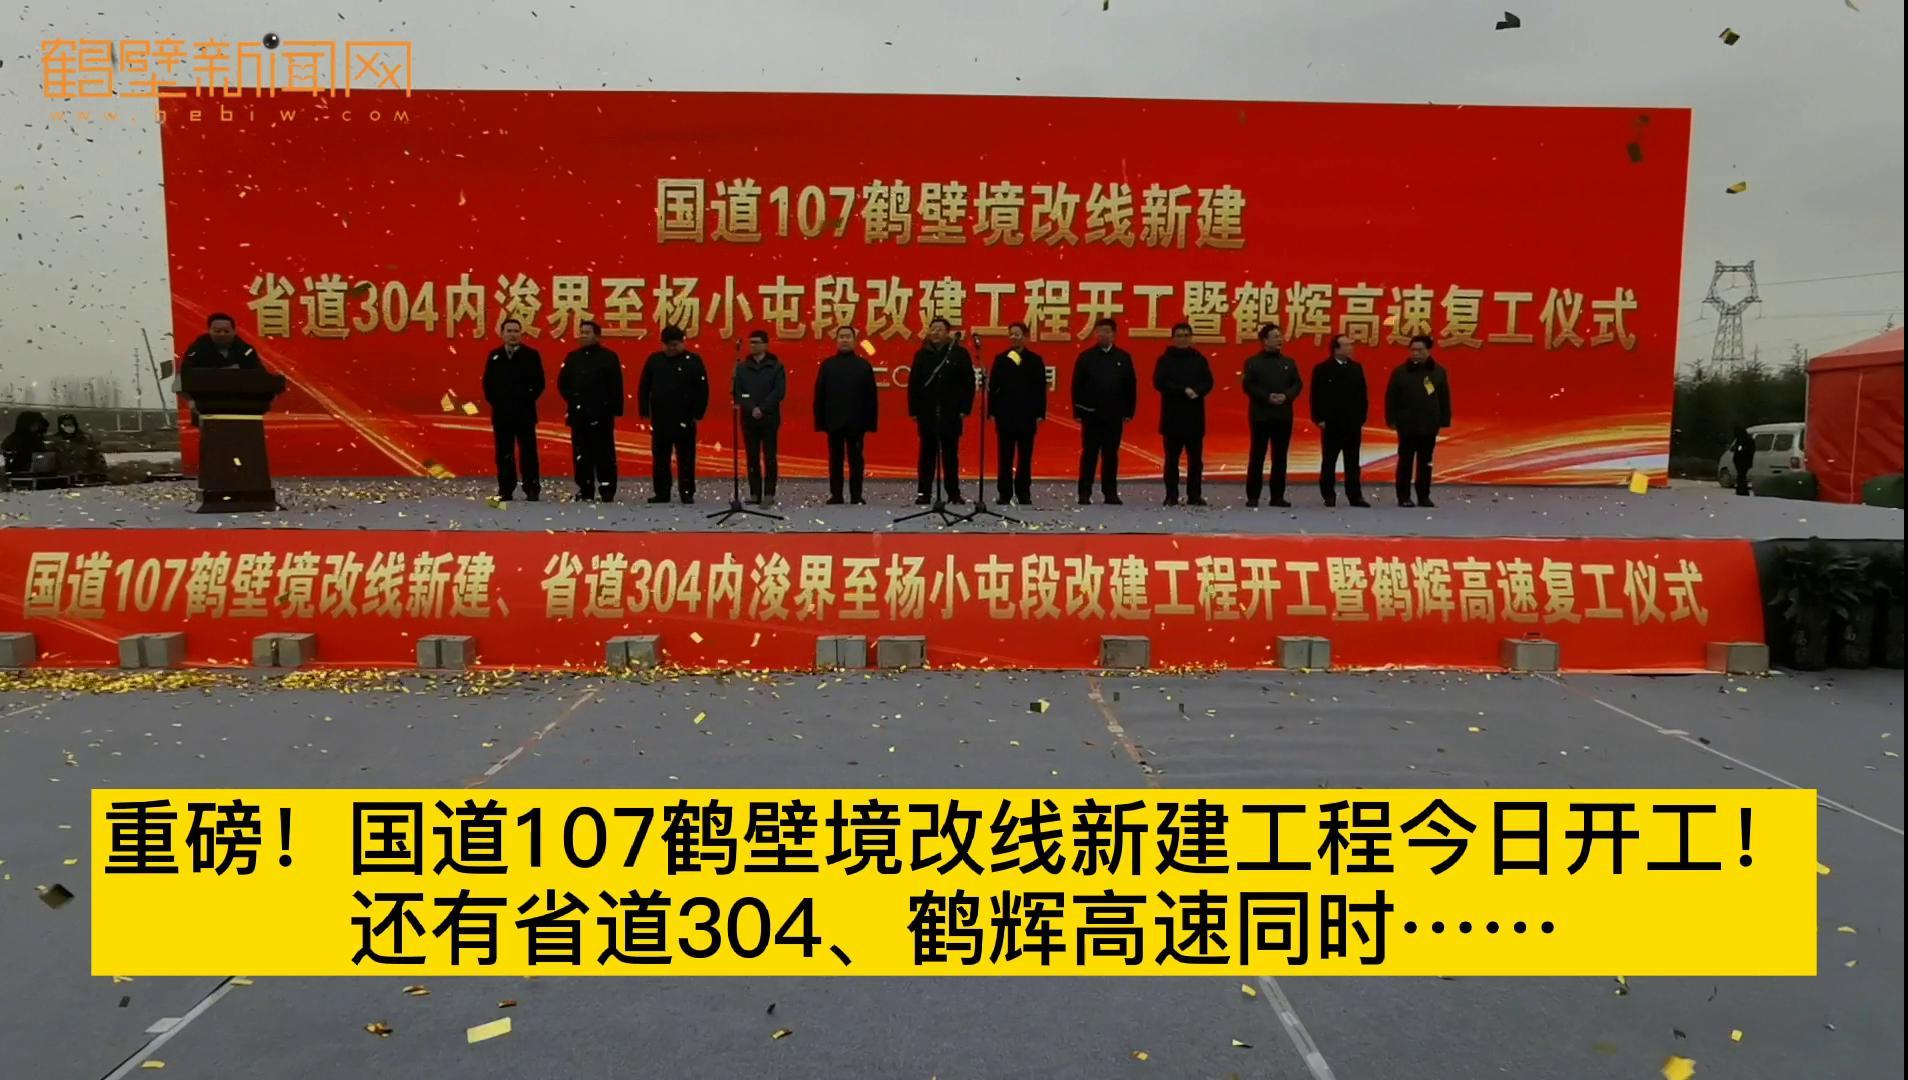 重磅!国道107鹤壁境改线新建工程今日开工!还有省道304、鹤辉高速同时……